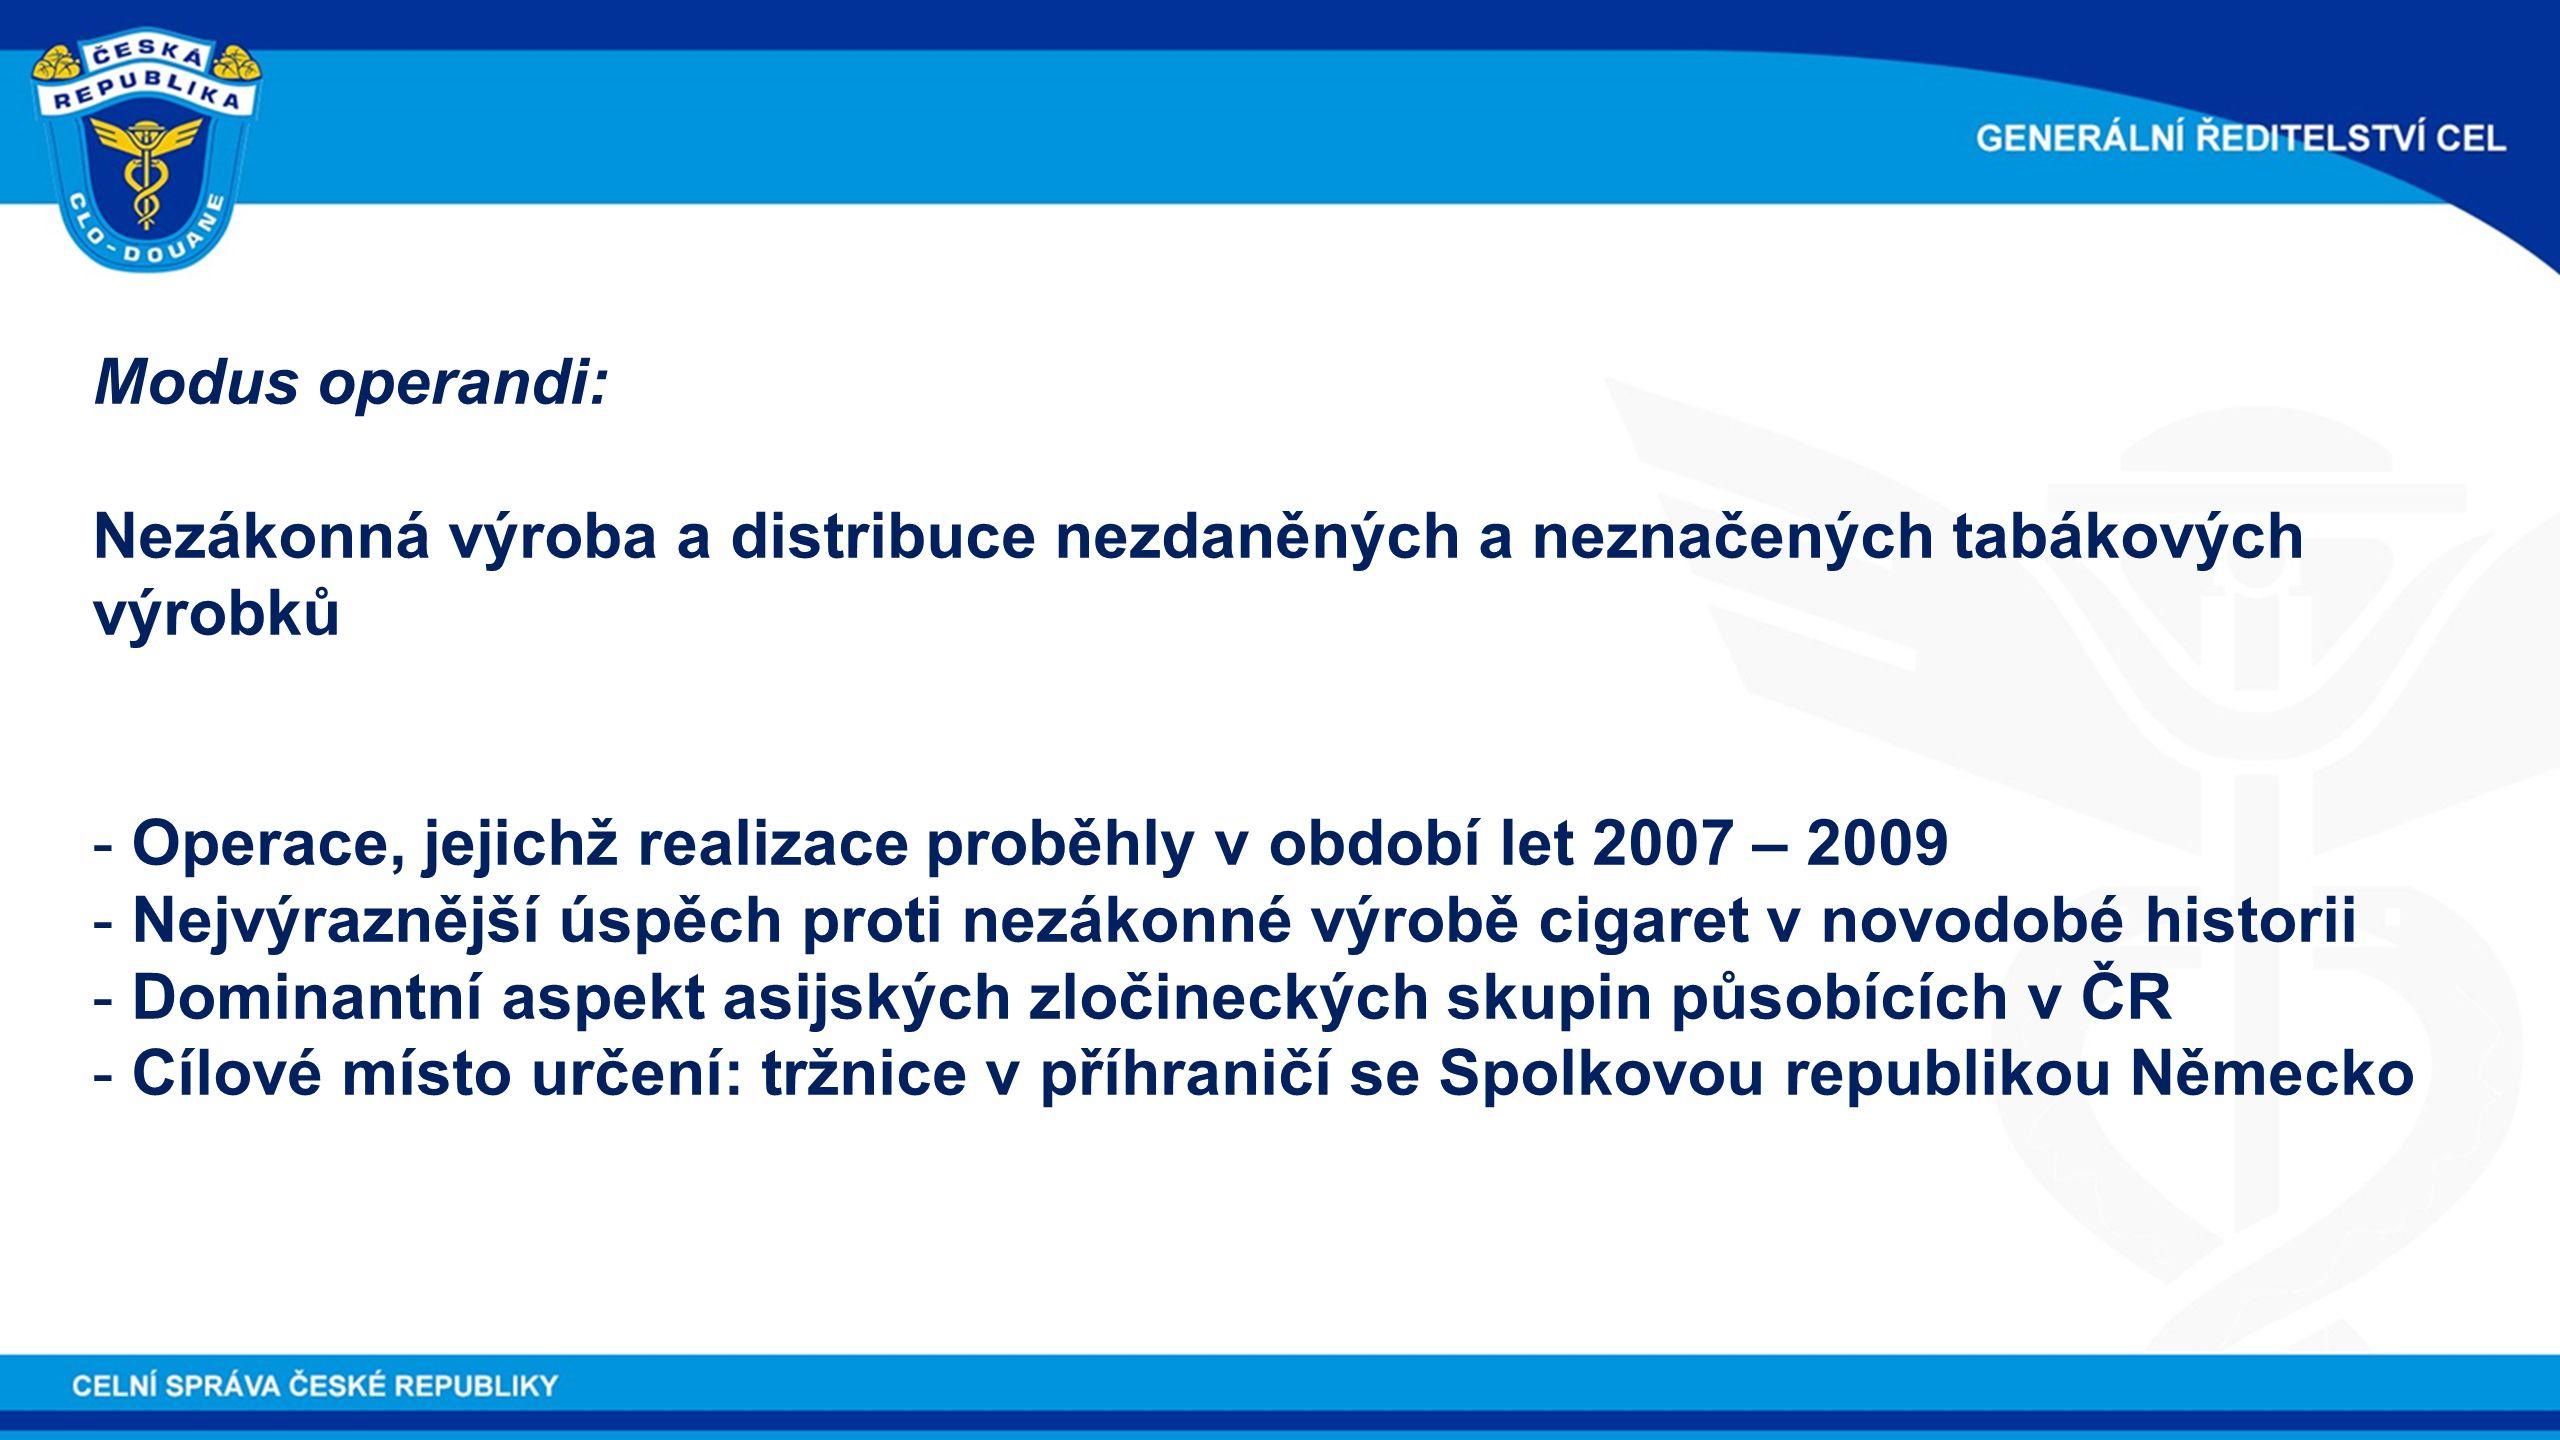 Modus operandi: Nezákonná výroba a distribuce nezdaněných a neznačených tabákových výrobků - Operace, jejichž realizace proběhly v období let 2007 – 2009 - Nejvýraznější úspěch proti nezákonné výrobě cigaret v novodobé historii - Dominantní aspekt asijských zločineckých skupin působících v ČR - Cílové místo určení: tržnice v příhraničí se Spolkovou republikou Německo